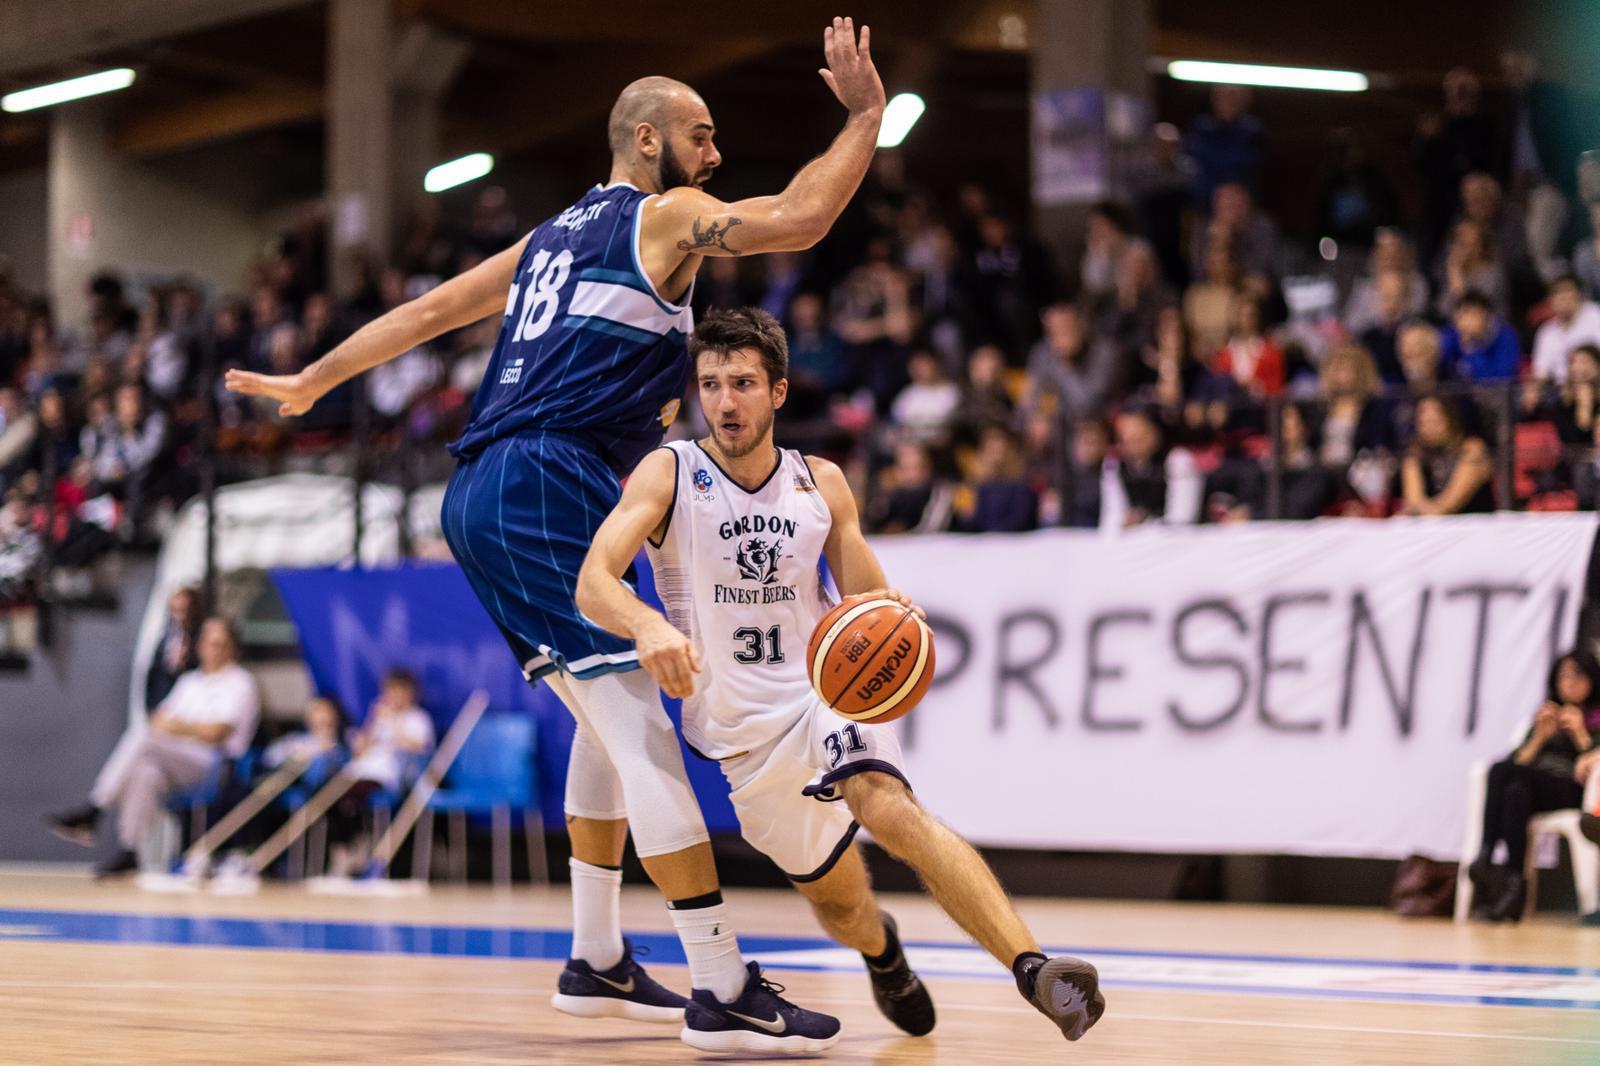 Derby Np Olginate Basket Lecco (201)